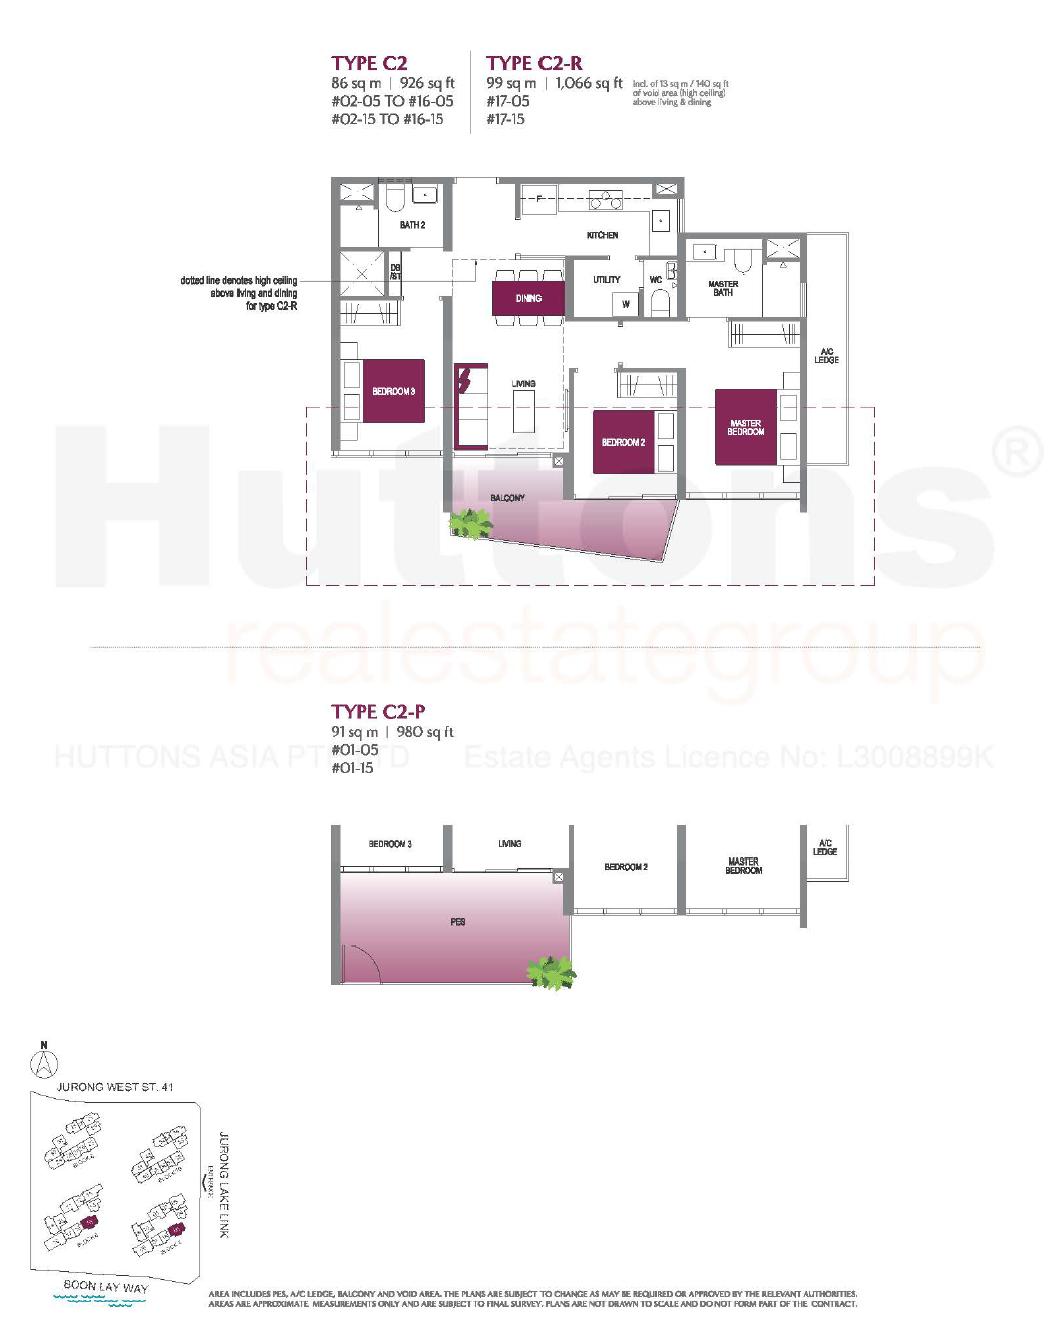 Lake Grande 3 bedroom Floor Plan type C2